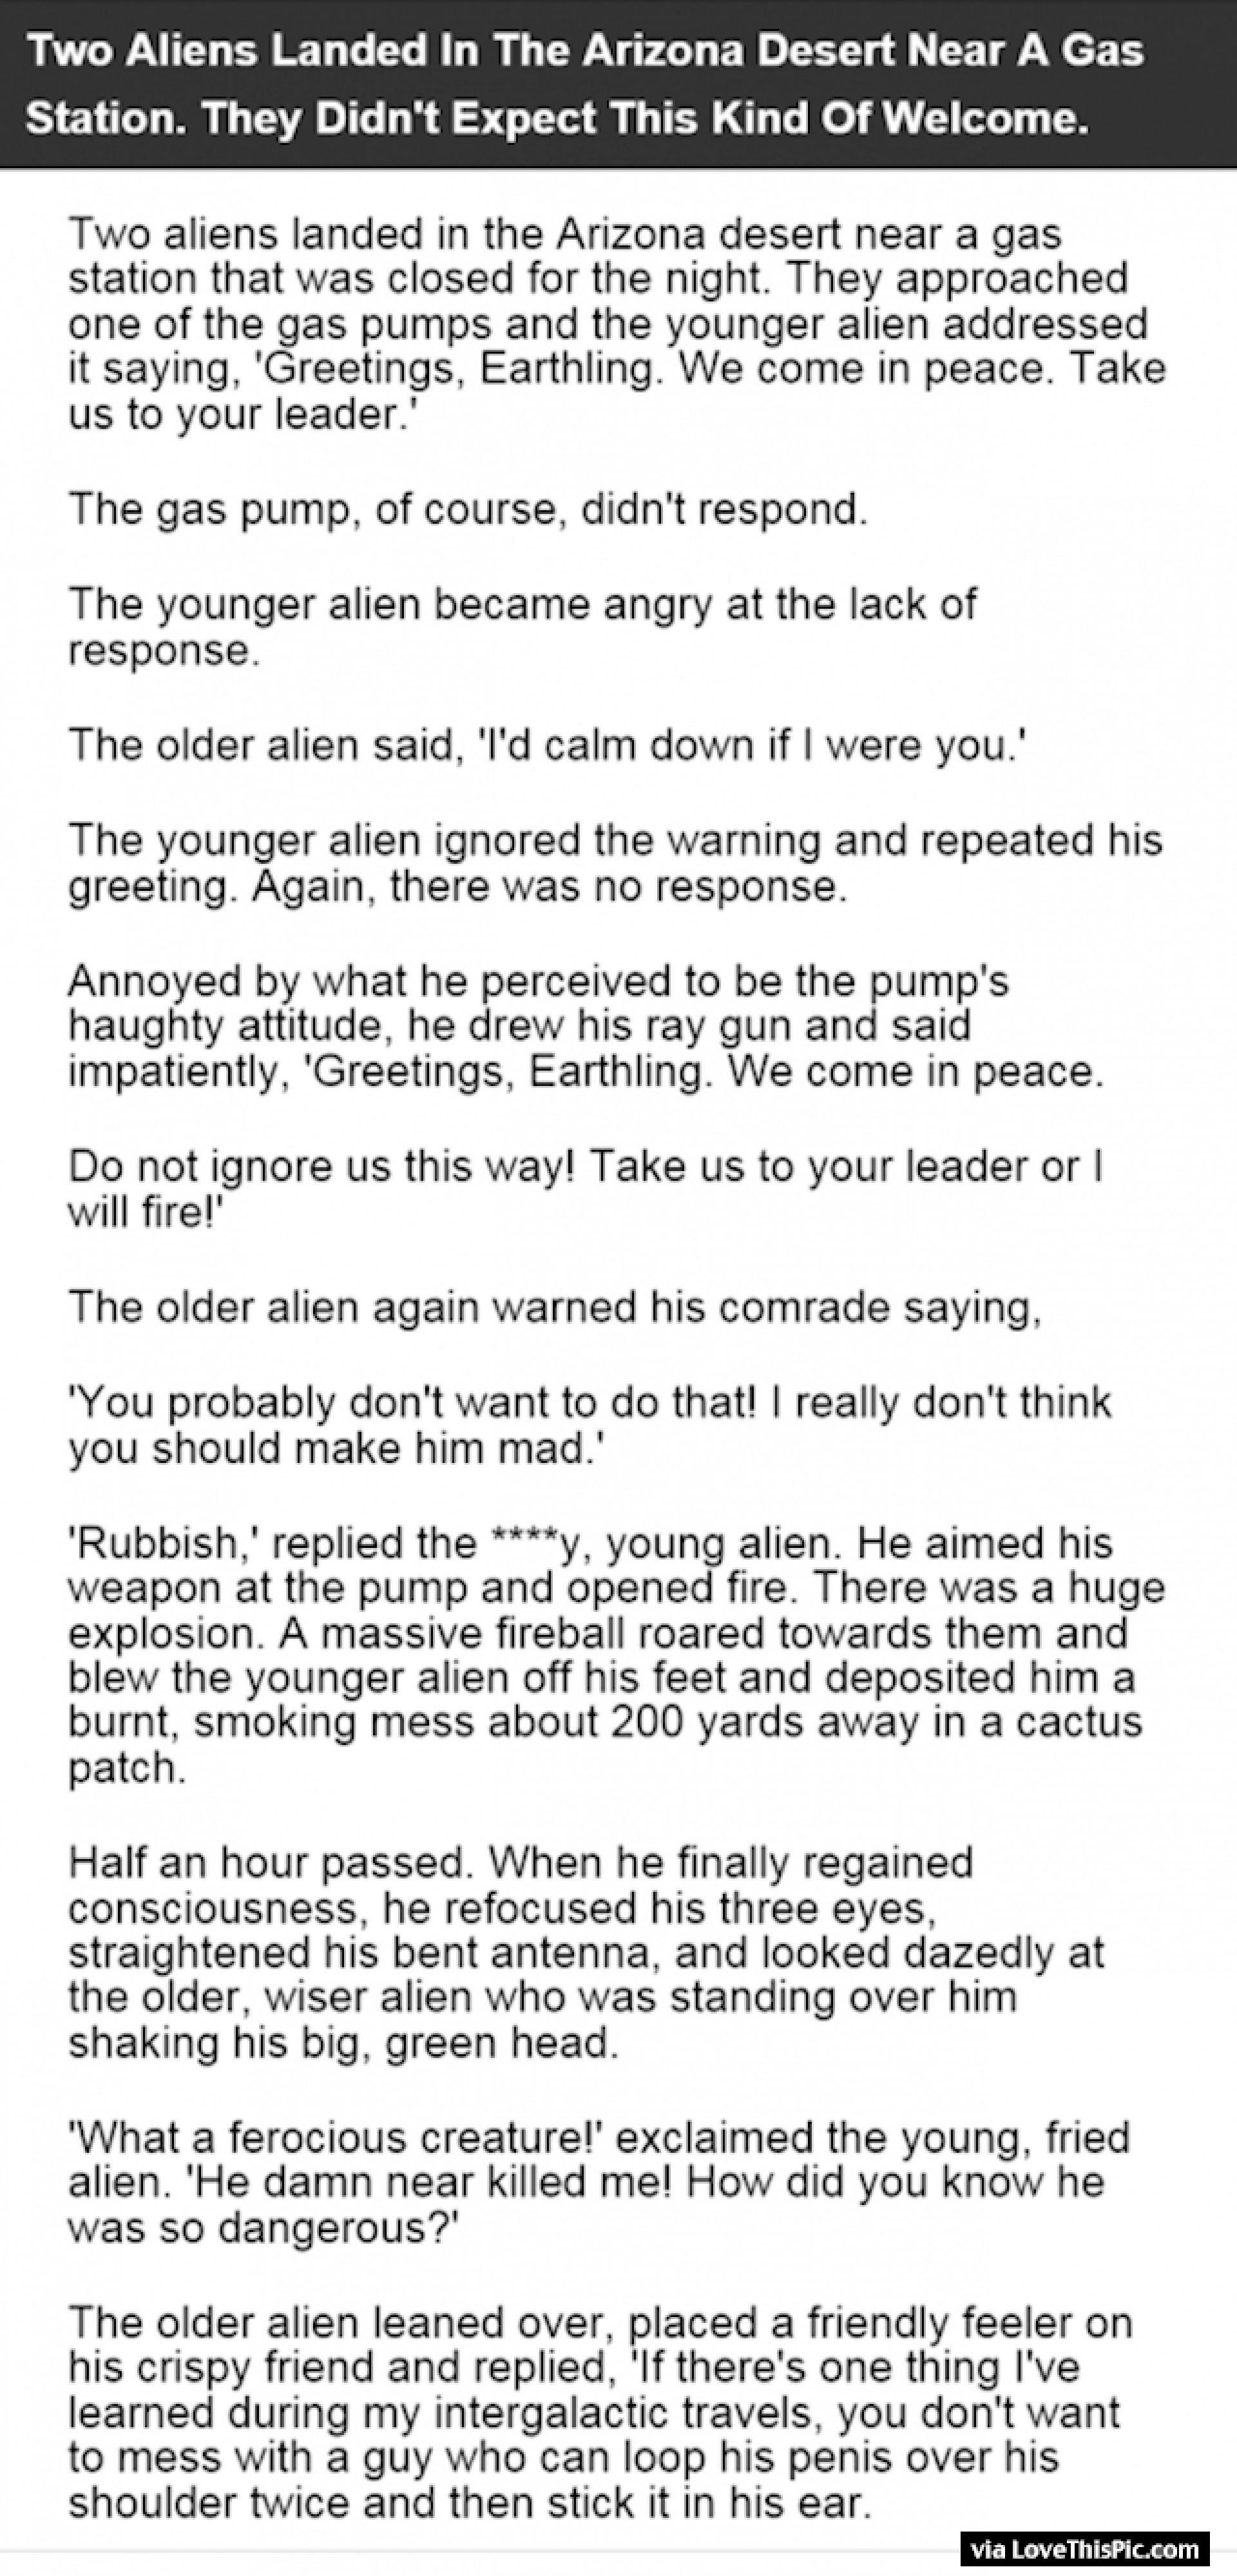 002 Essay On Aliens In Earth Marvelous 1920